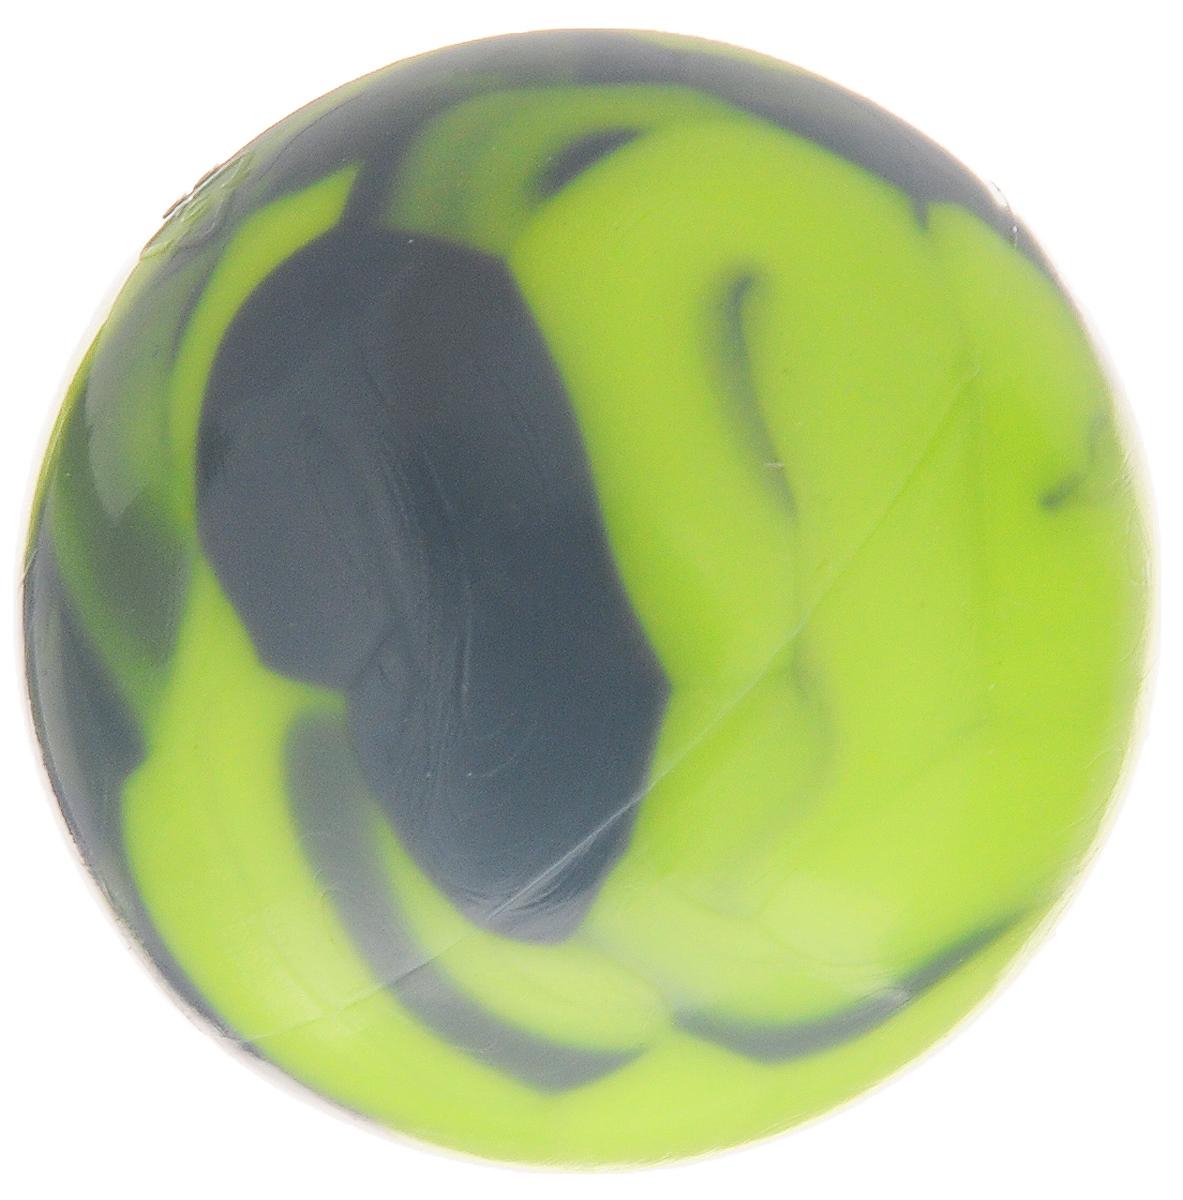 Игрушка Catit Senses, запасной шарик к игровой дорожке, диаметр 4 см101246Запасной шарик Catit Senses выполнен из высококачественного пластика. Изделие предназначено для игровых дорожек для кошек Catit Senses. Диаметр шарика: 4 см.